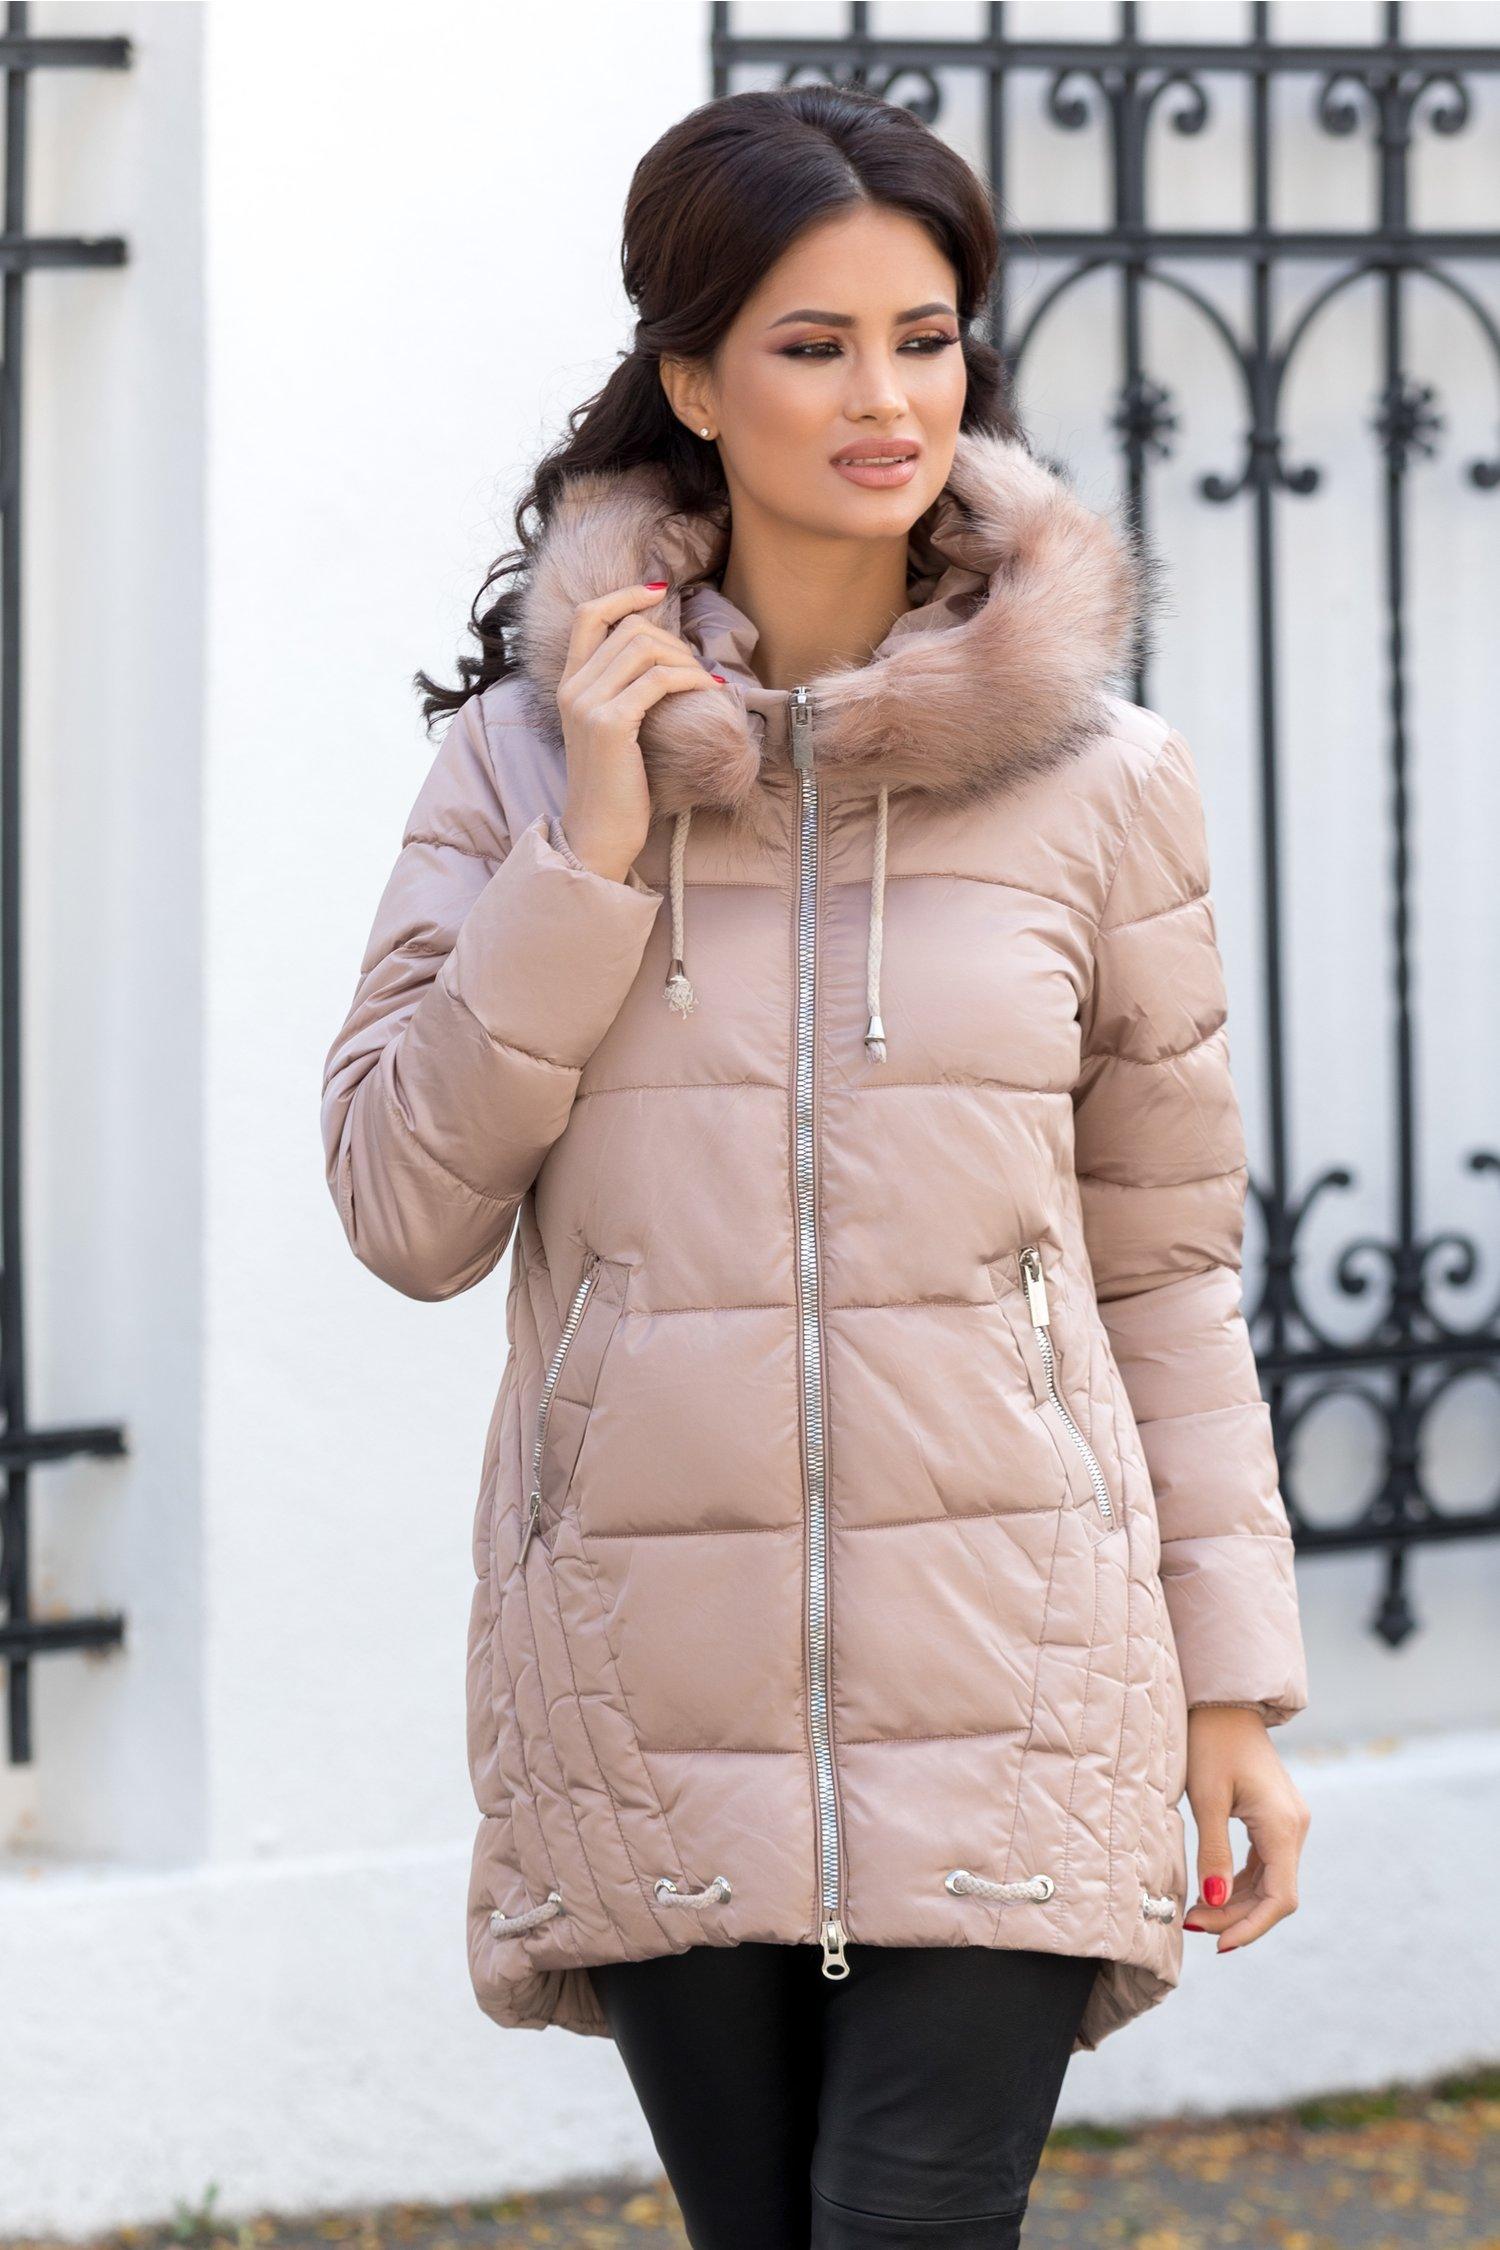 jachete ieftine